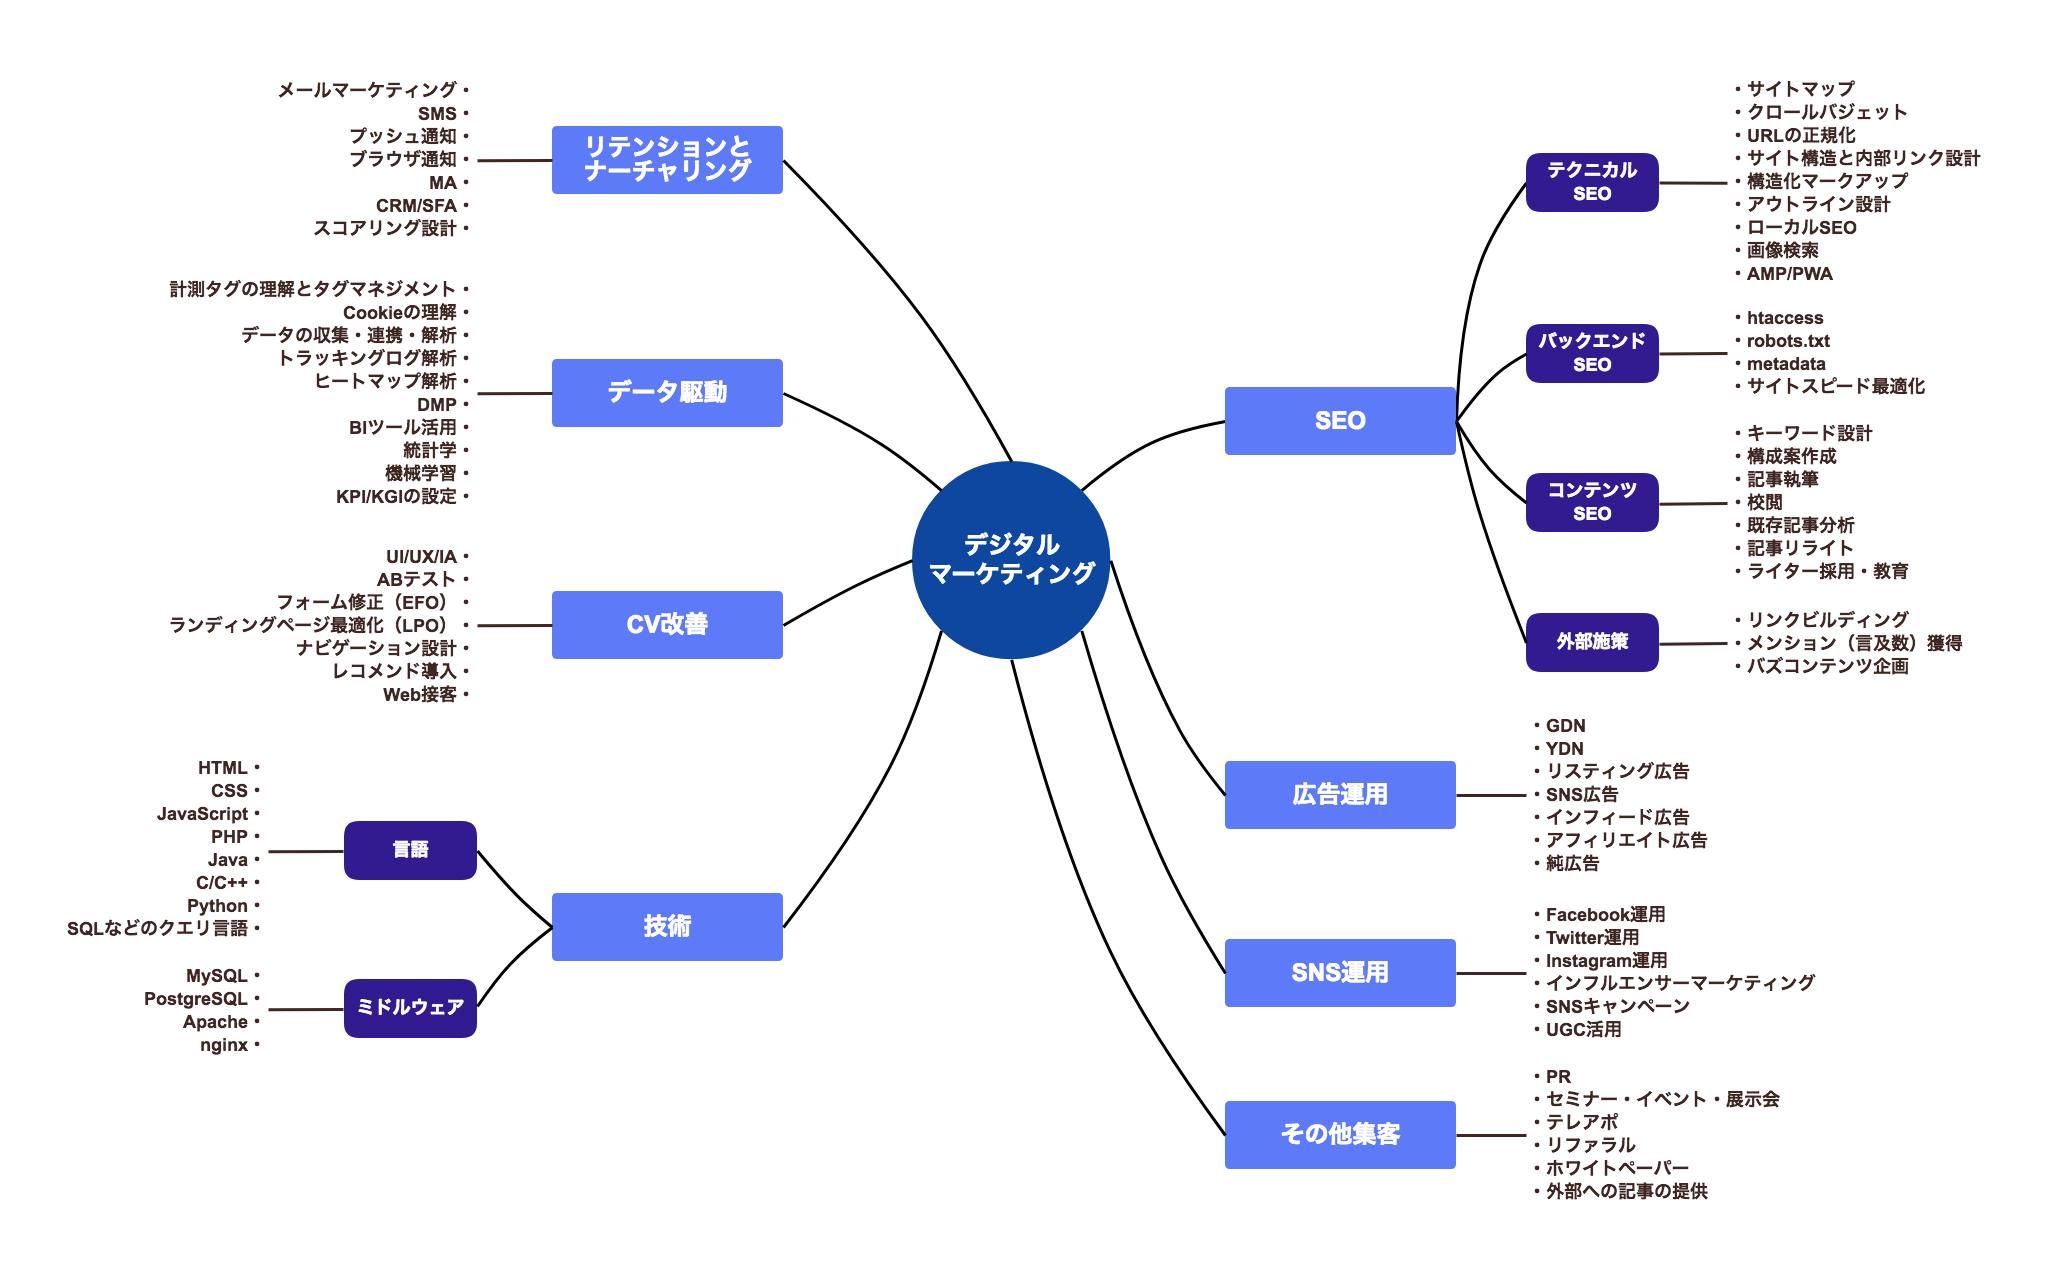 マーケティングのスキルマップ